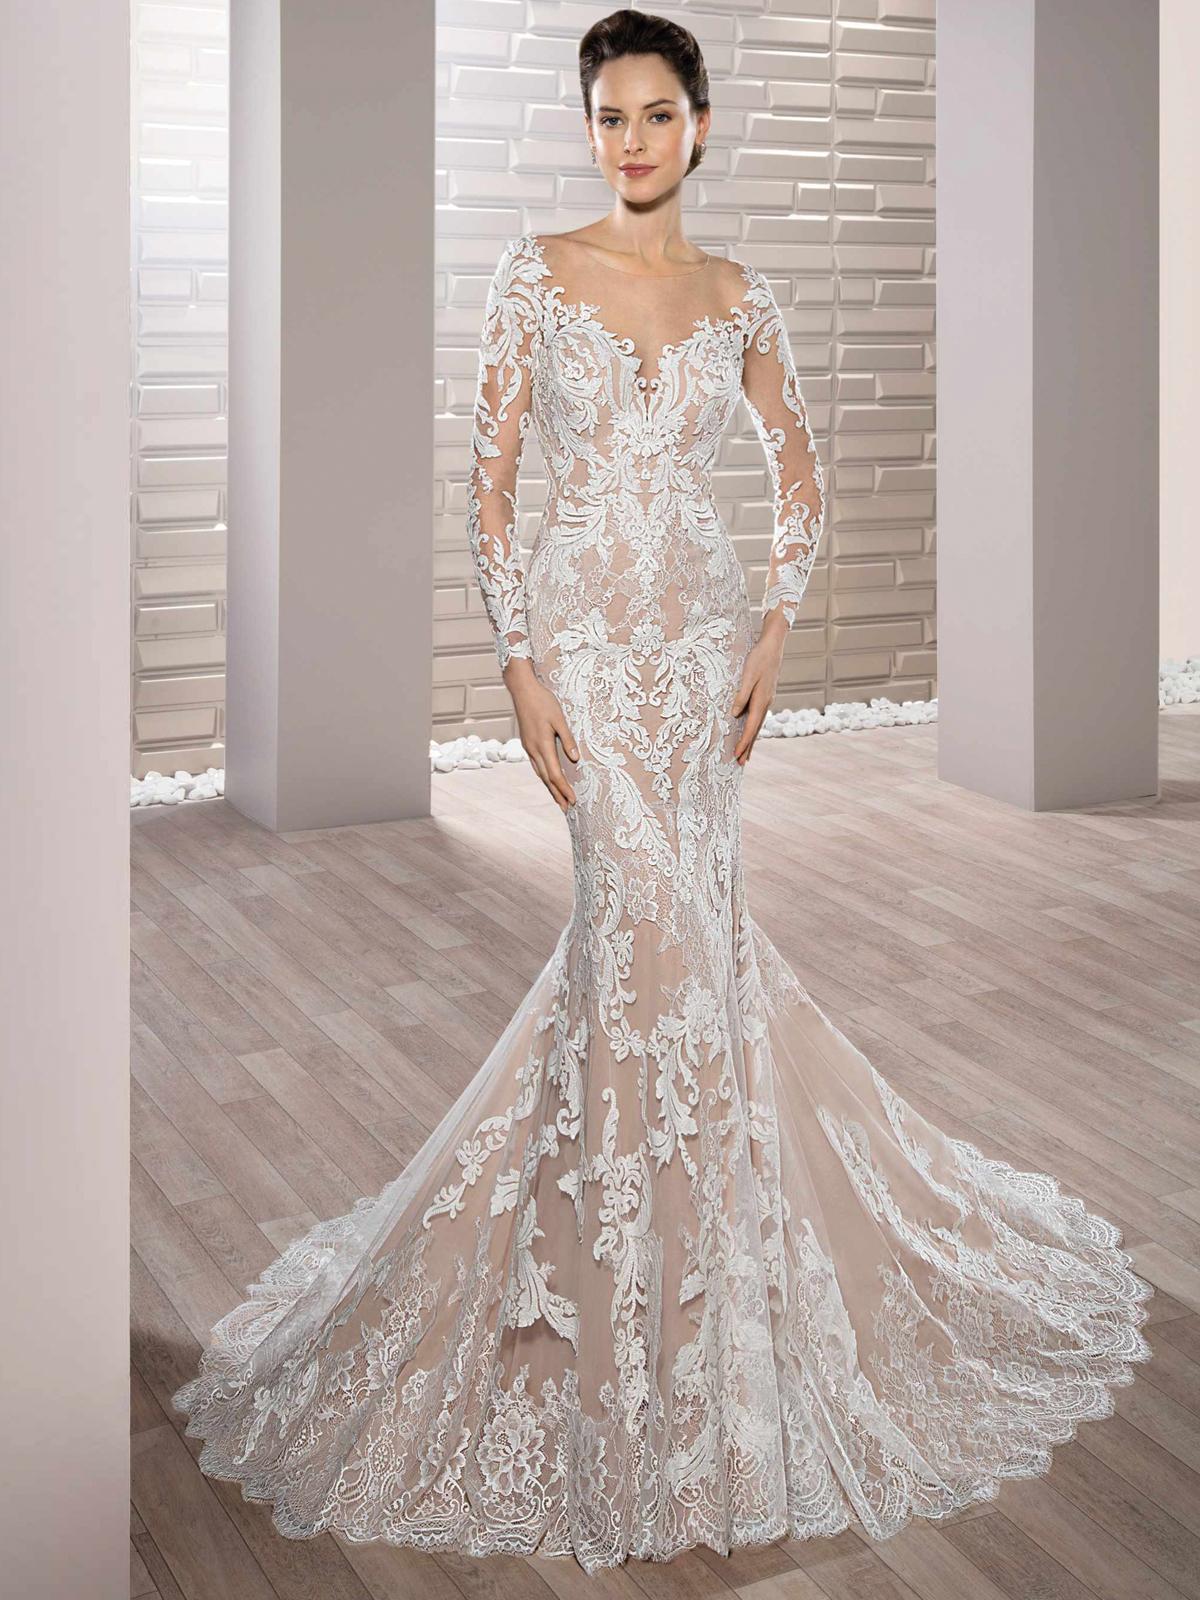 Rendas luxuosas ricamente bordadas adornam este deslumbrante vestido de noiva,com decote coração, mangas compridas, e um corte sereia impecável, esse modelo realmente mexe com os mais profundos sentimentos.